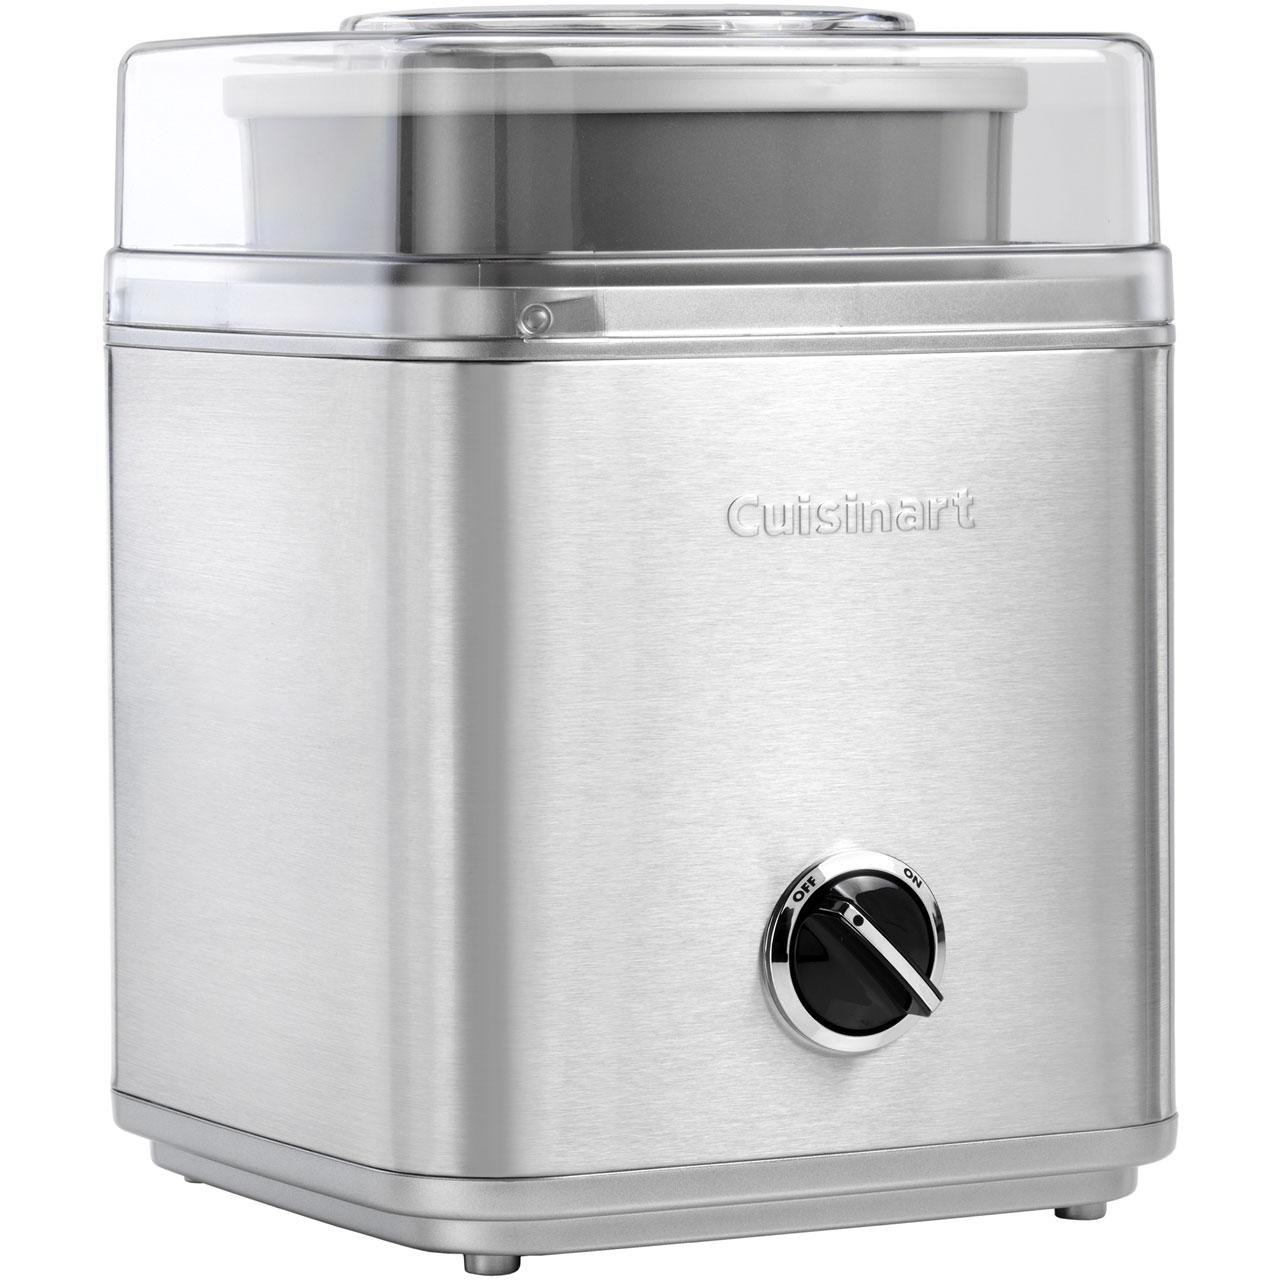 Cuisinart ice cream maker stainless steel - Cuisinart Ice Cream Maker Stainless Steel 59